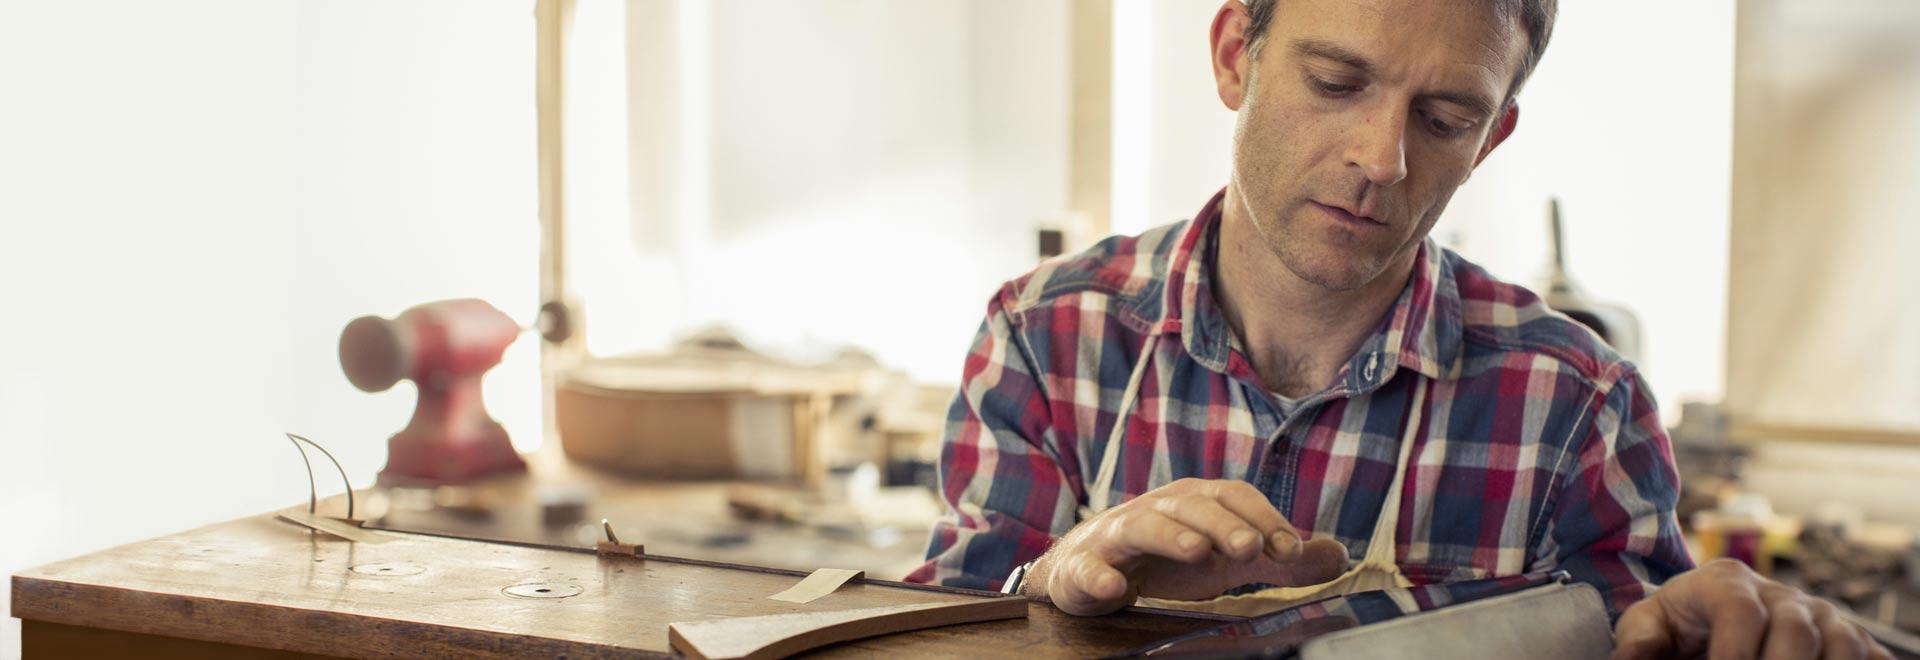 En man i en verkstad som använder Office 365 Business på en surfplatta